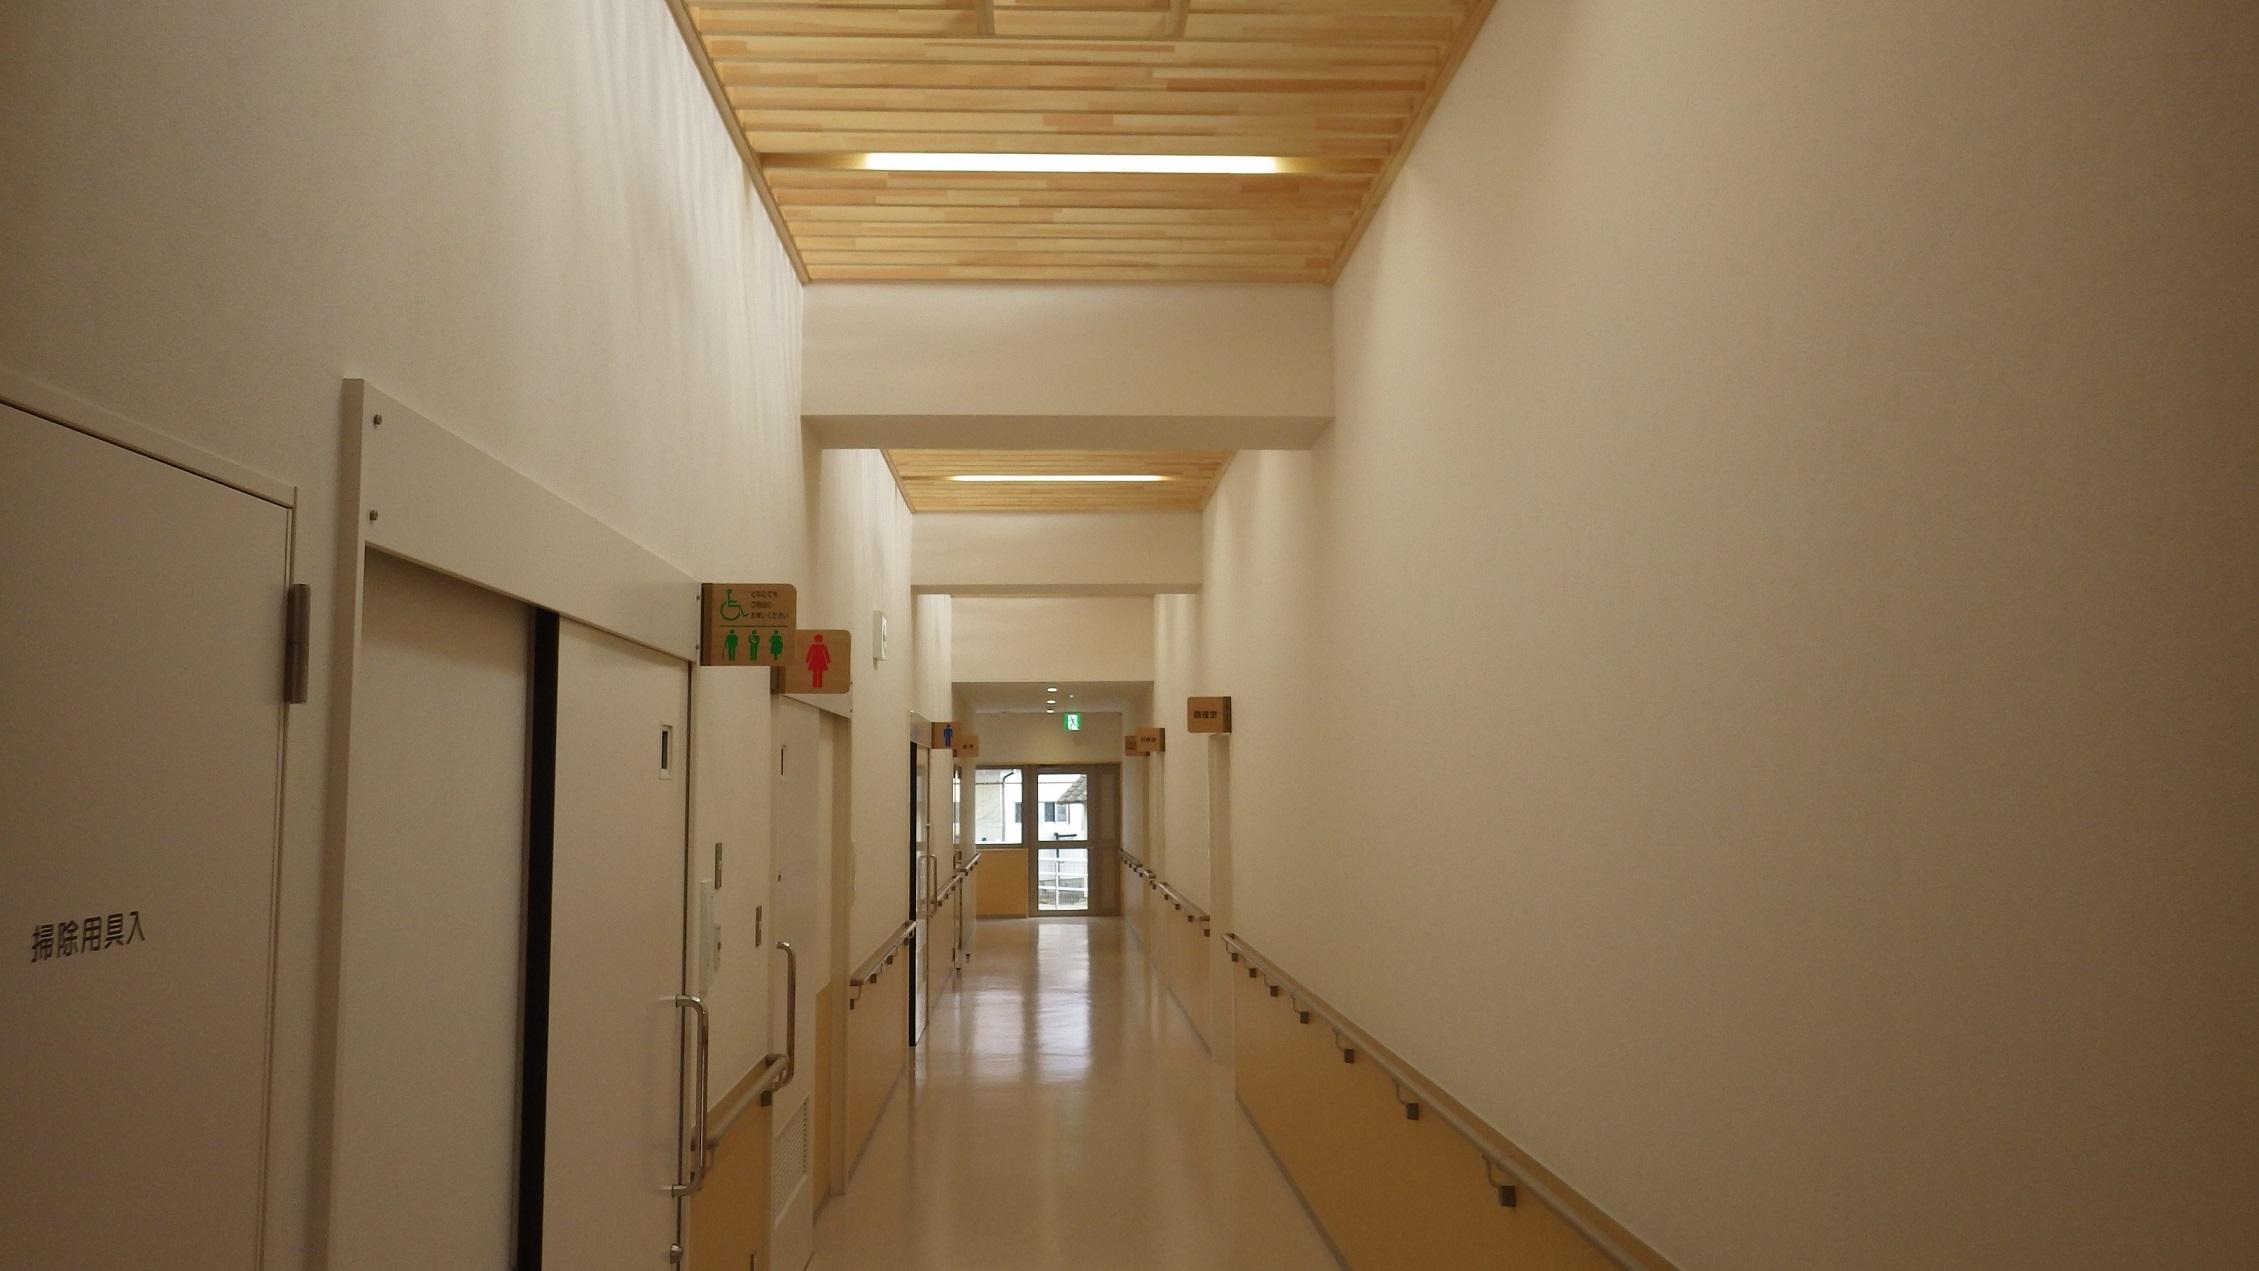 第138号 愛島公民館改築(電気設備)工事